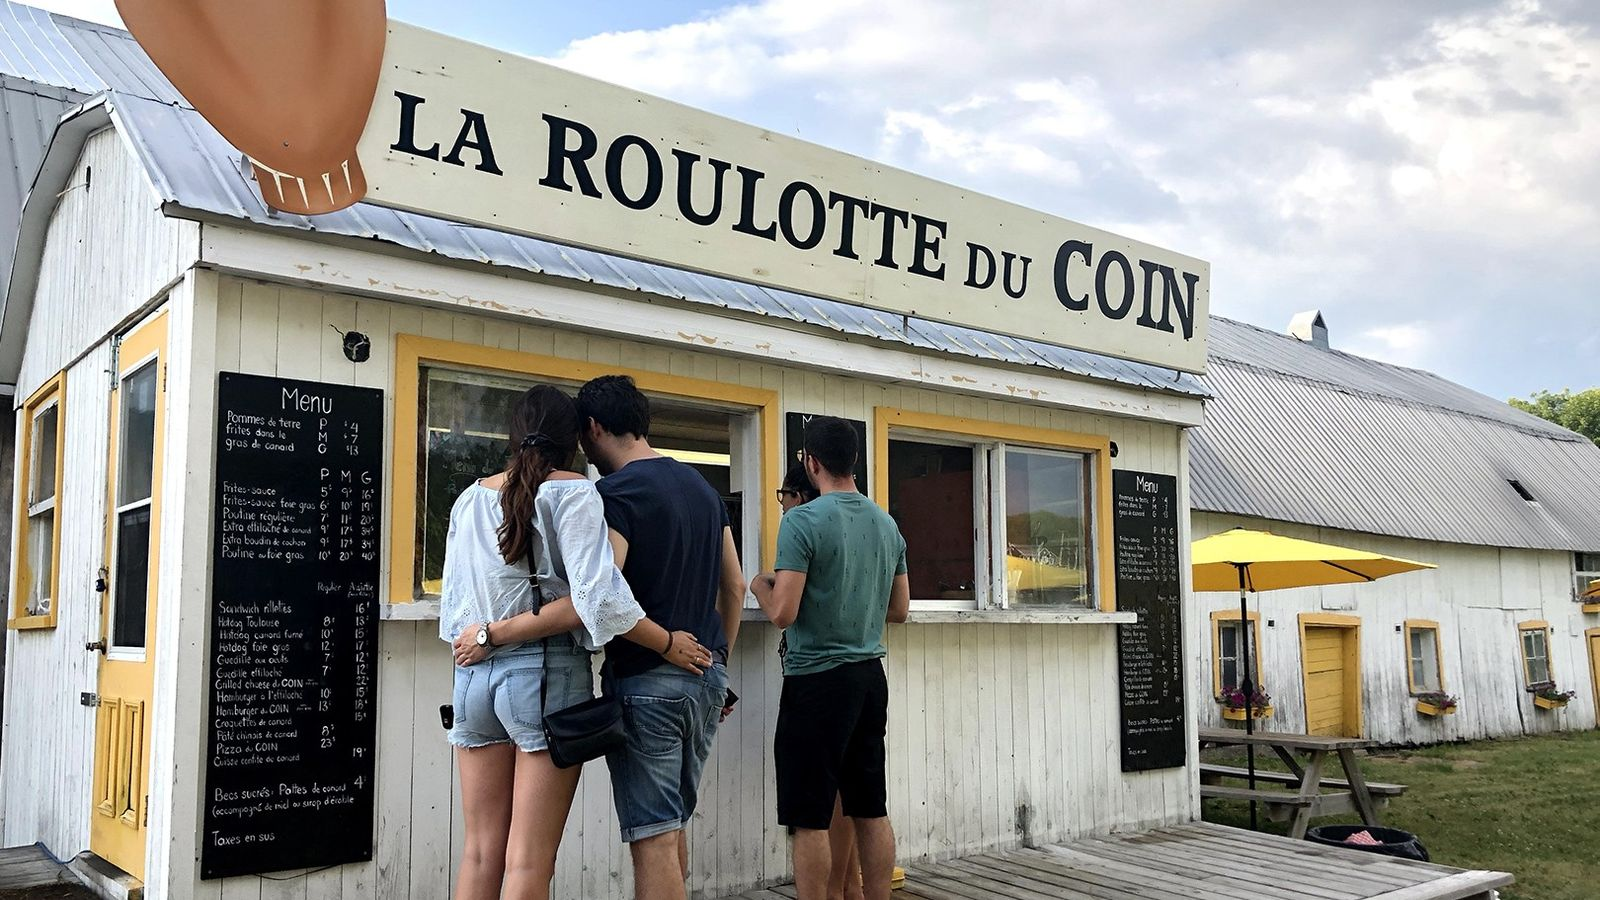 La Roulotte du Coin ist ein Straßenimbiss, der kulinarische Köstlichkeiten serviert.